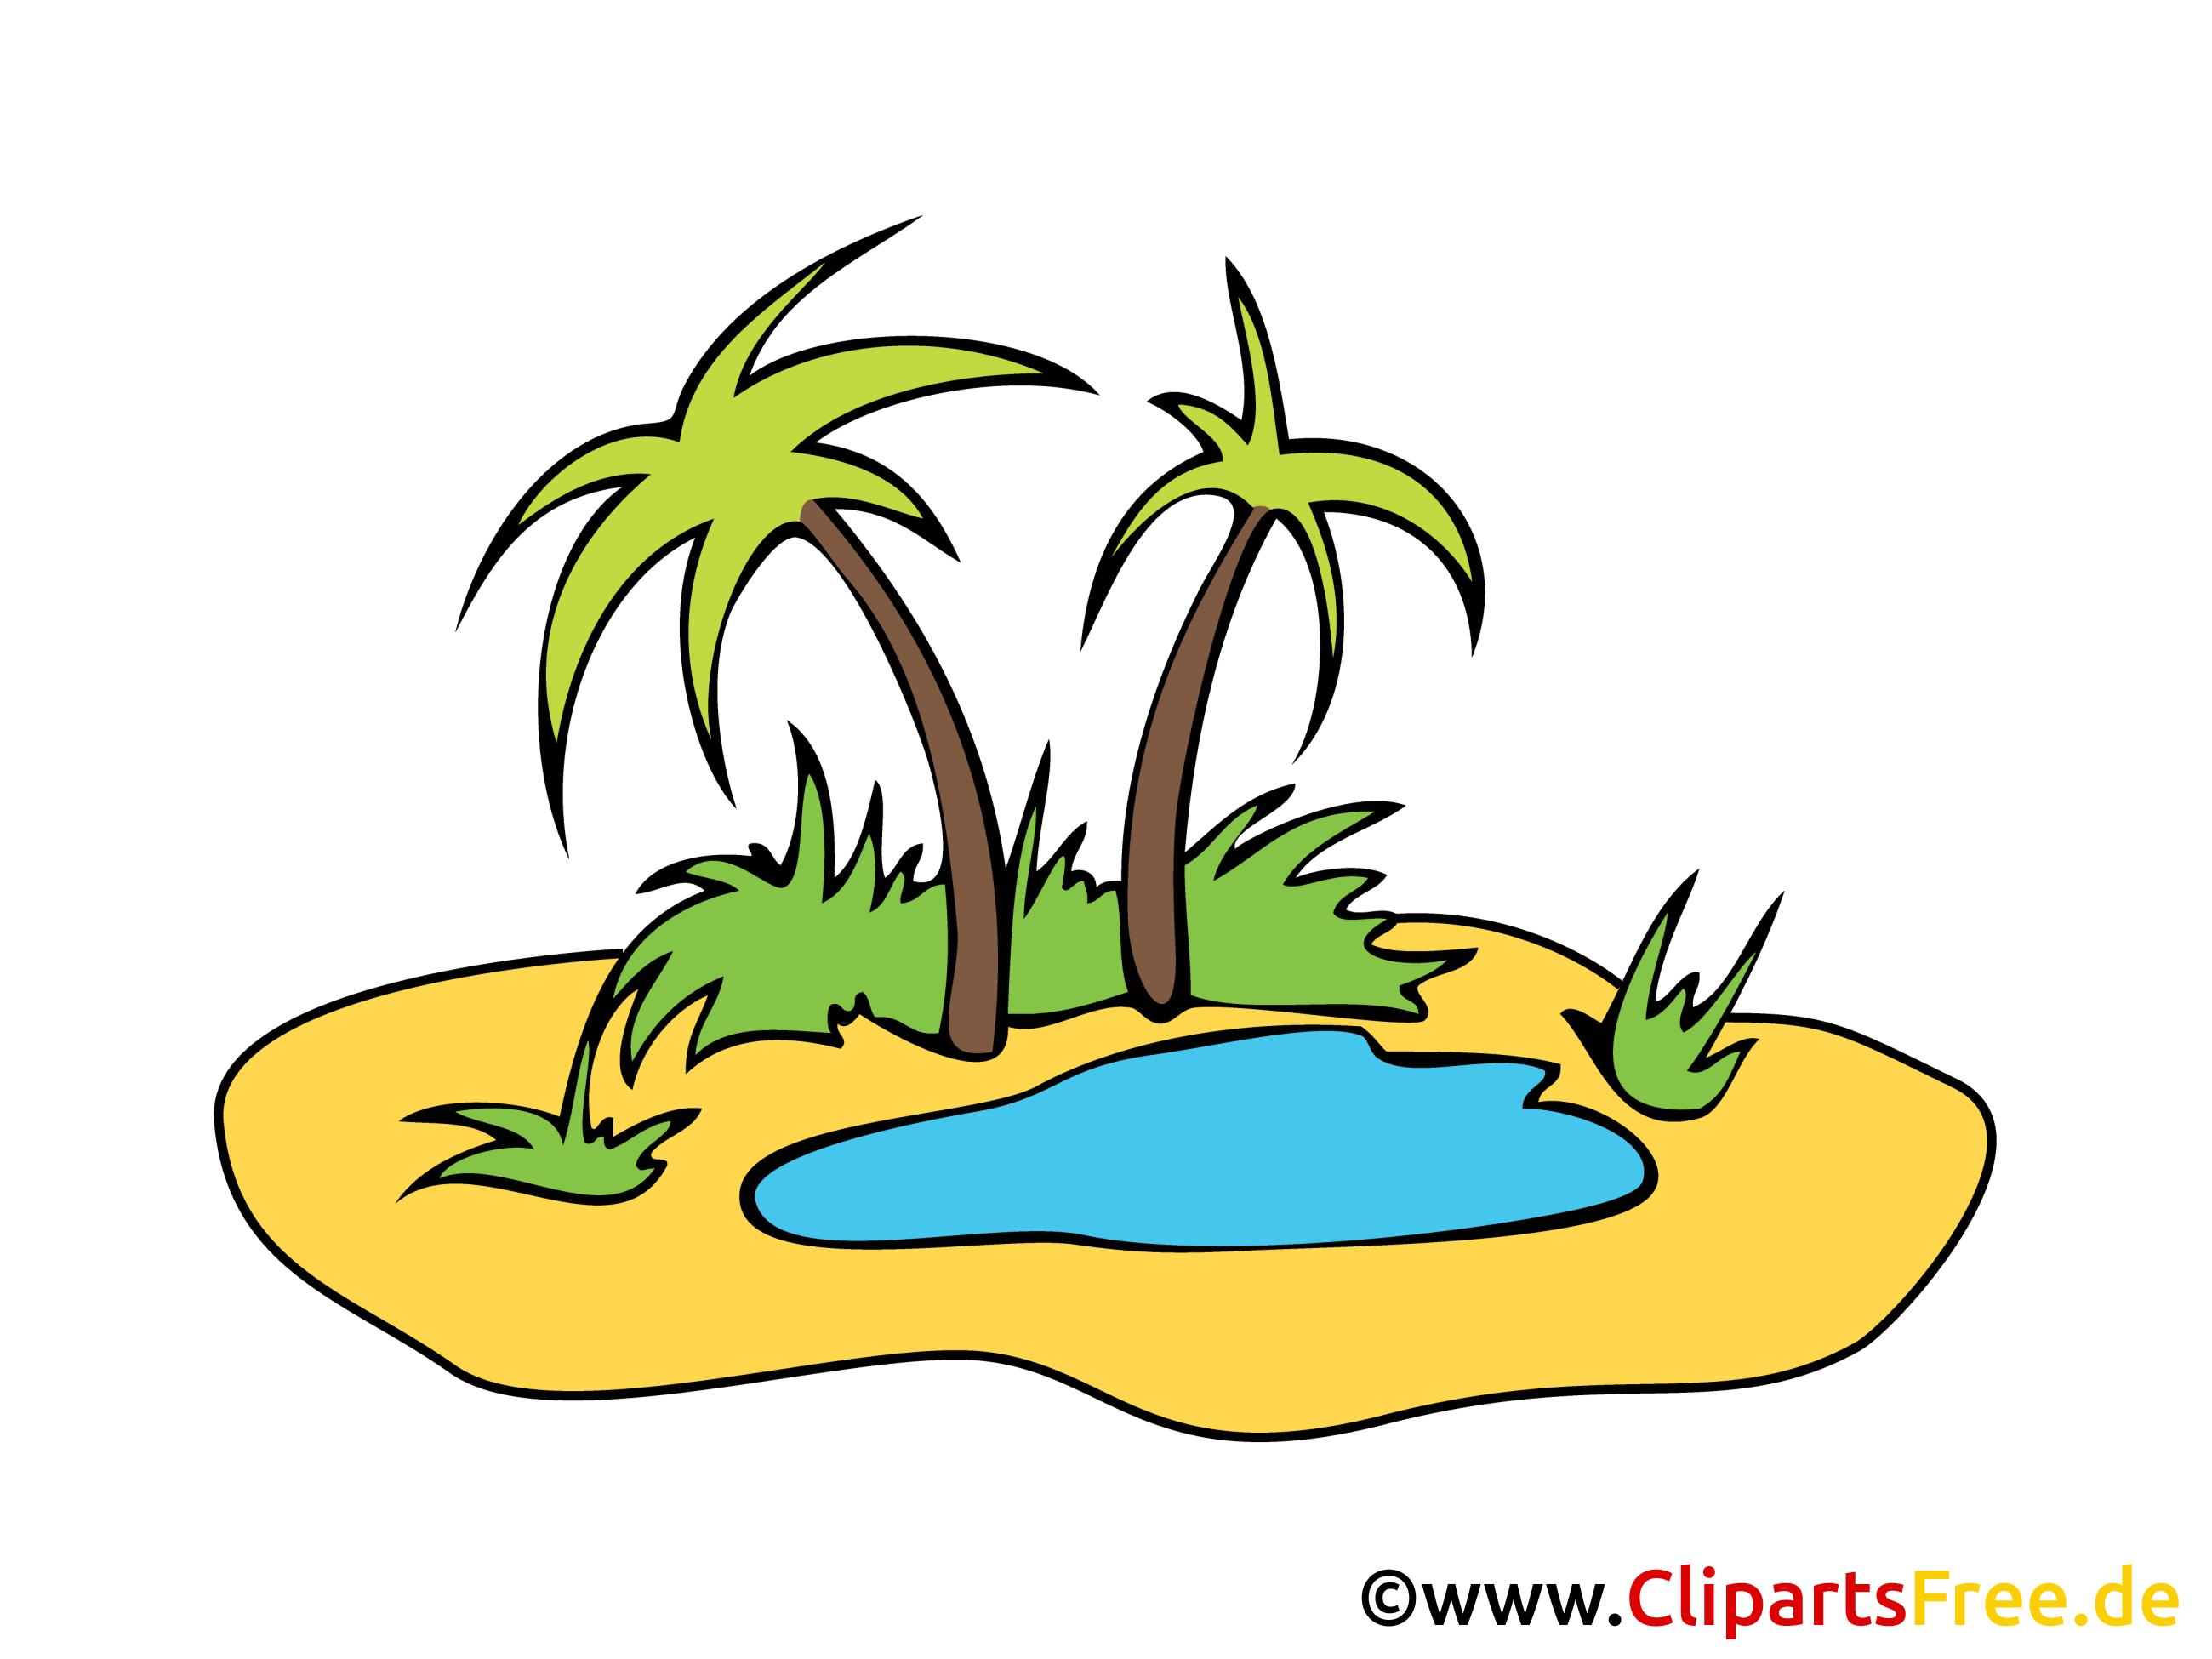 Oasis clip art cliparts - Palmier clipart ...